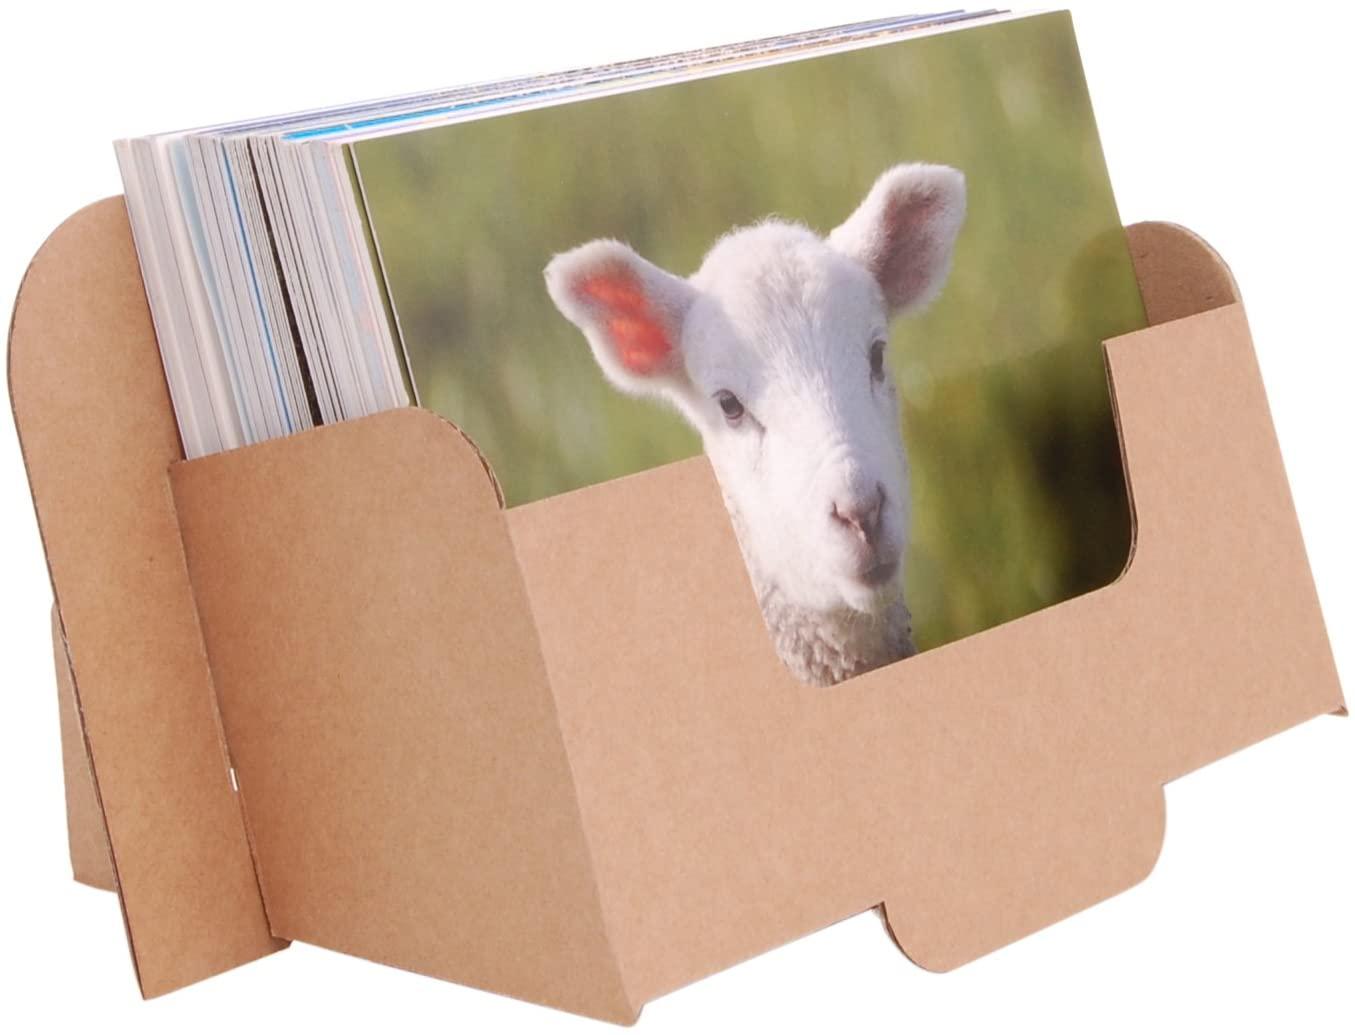 Stand-Store CARD-A6L Cardboard Leaflet Dispenser for A6 Landscape Leaflets and Postcards - Brown (Pack of 10)